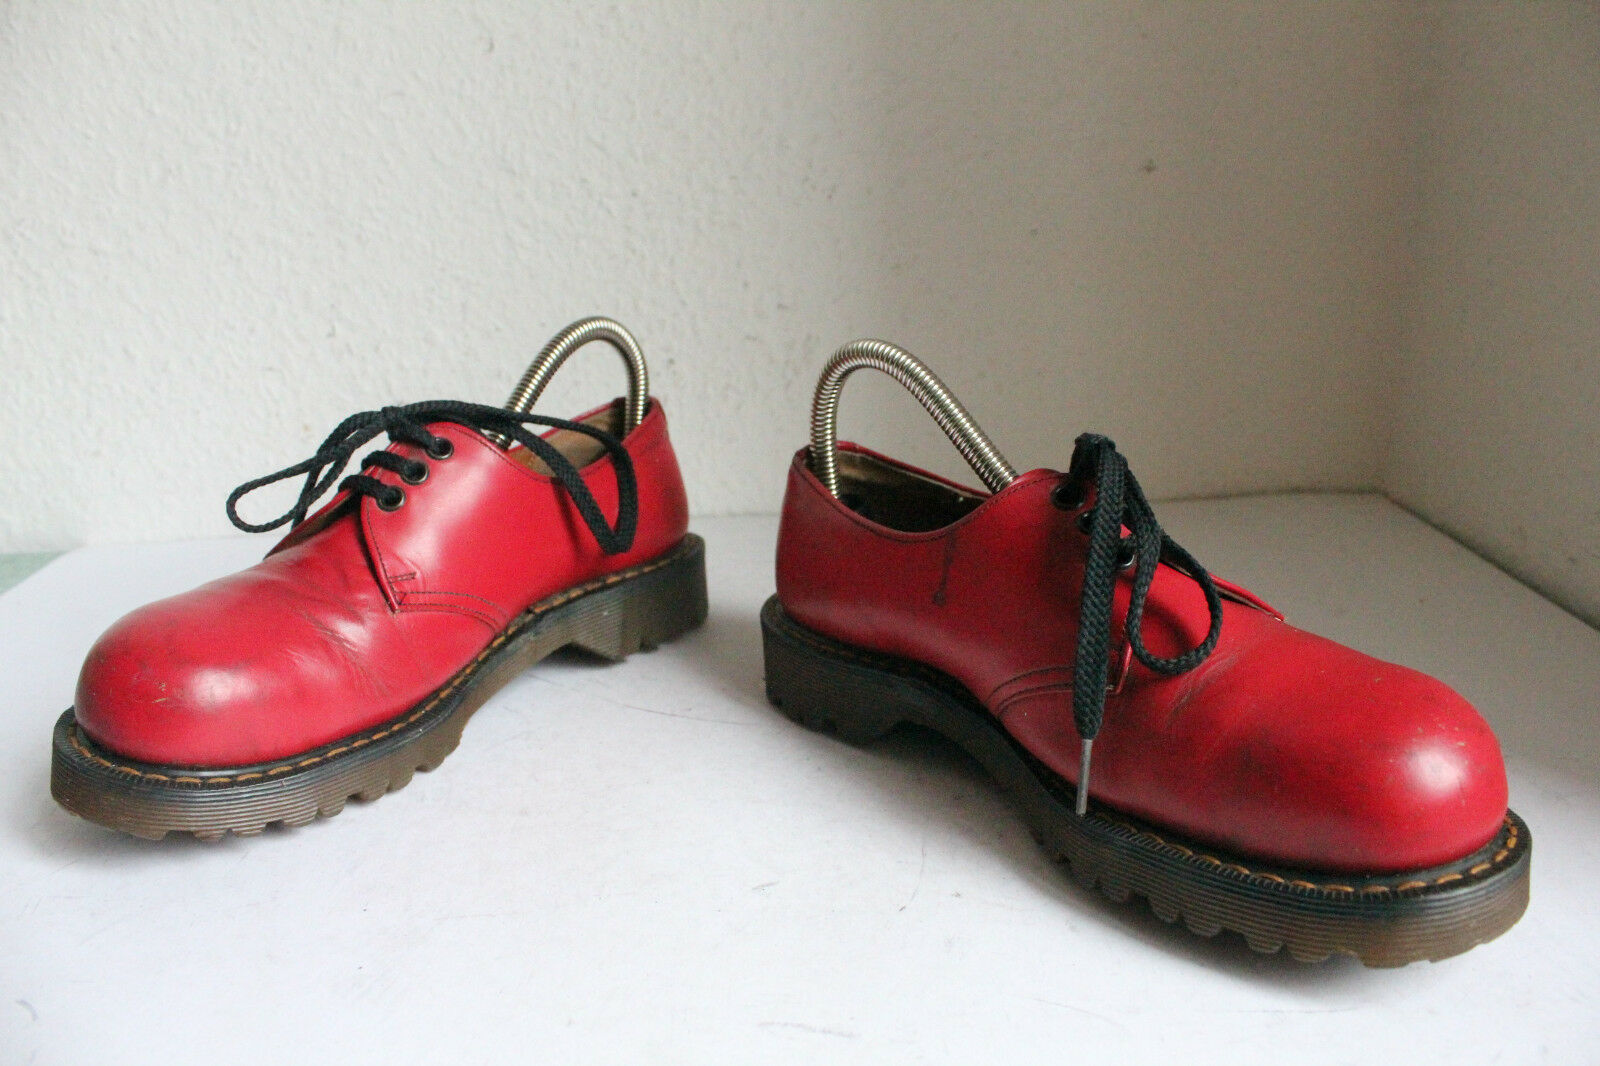 Vintage Dr. Martens Safety Echtleder Used Schuhe Echtleder Safety Rot Eu:38-Uk:5 made in England 09af23